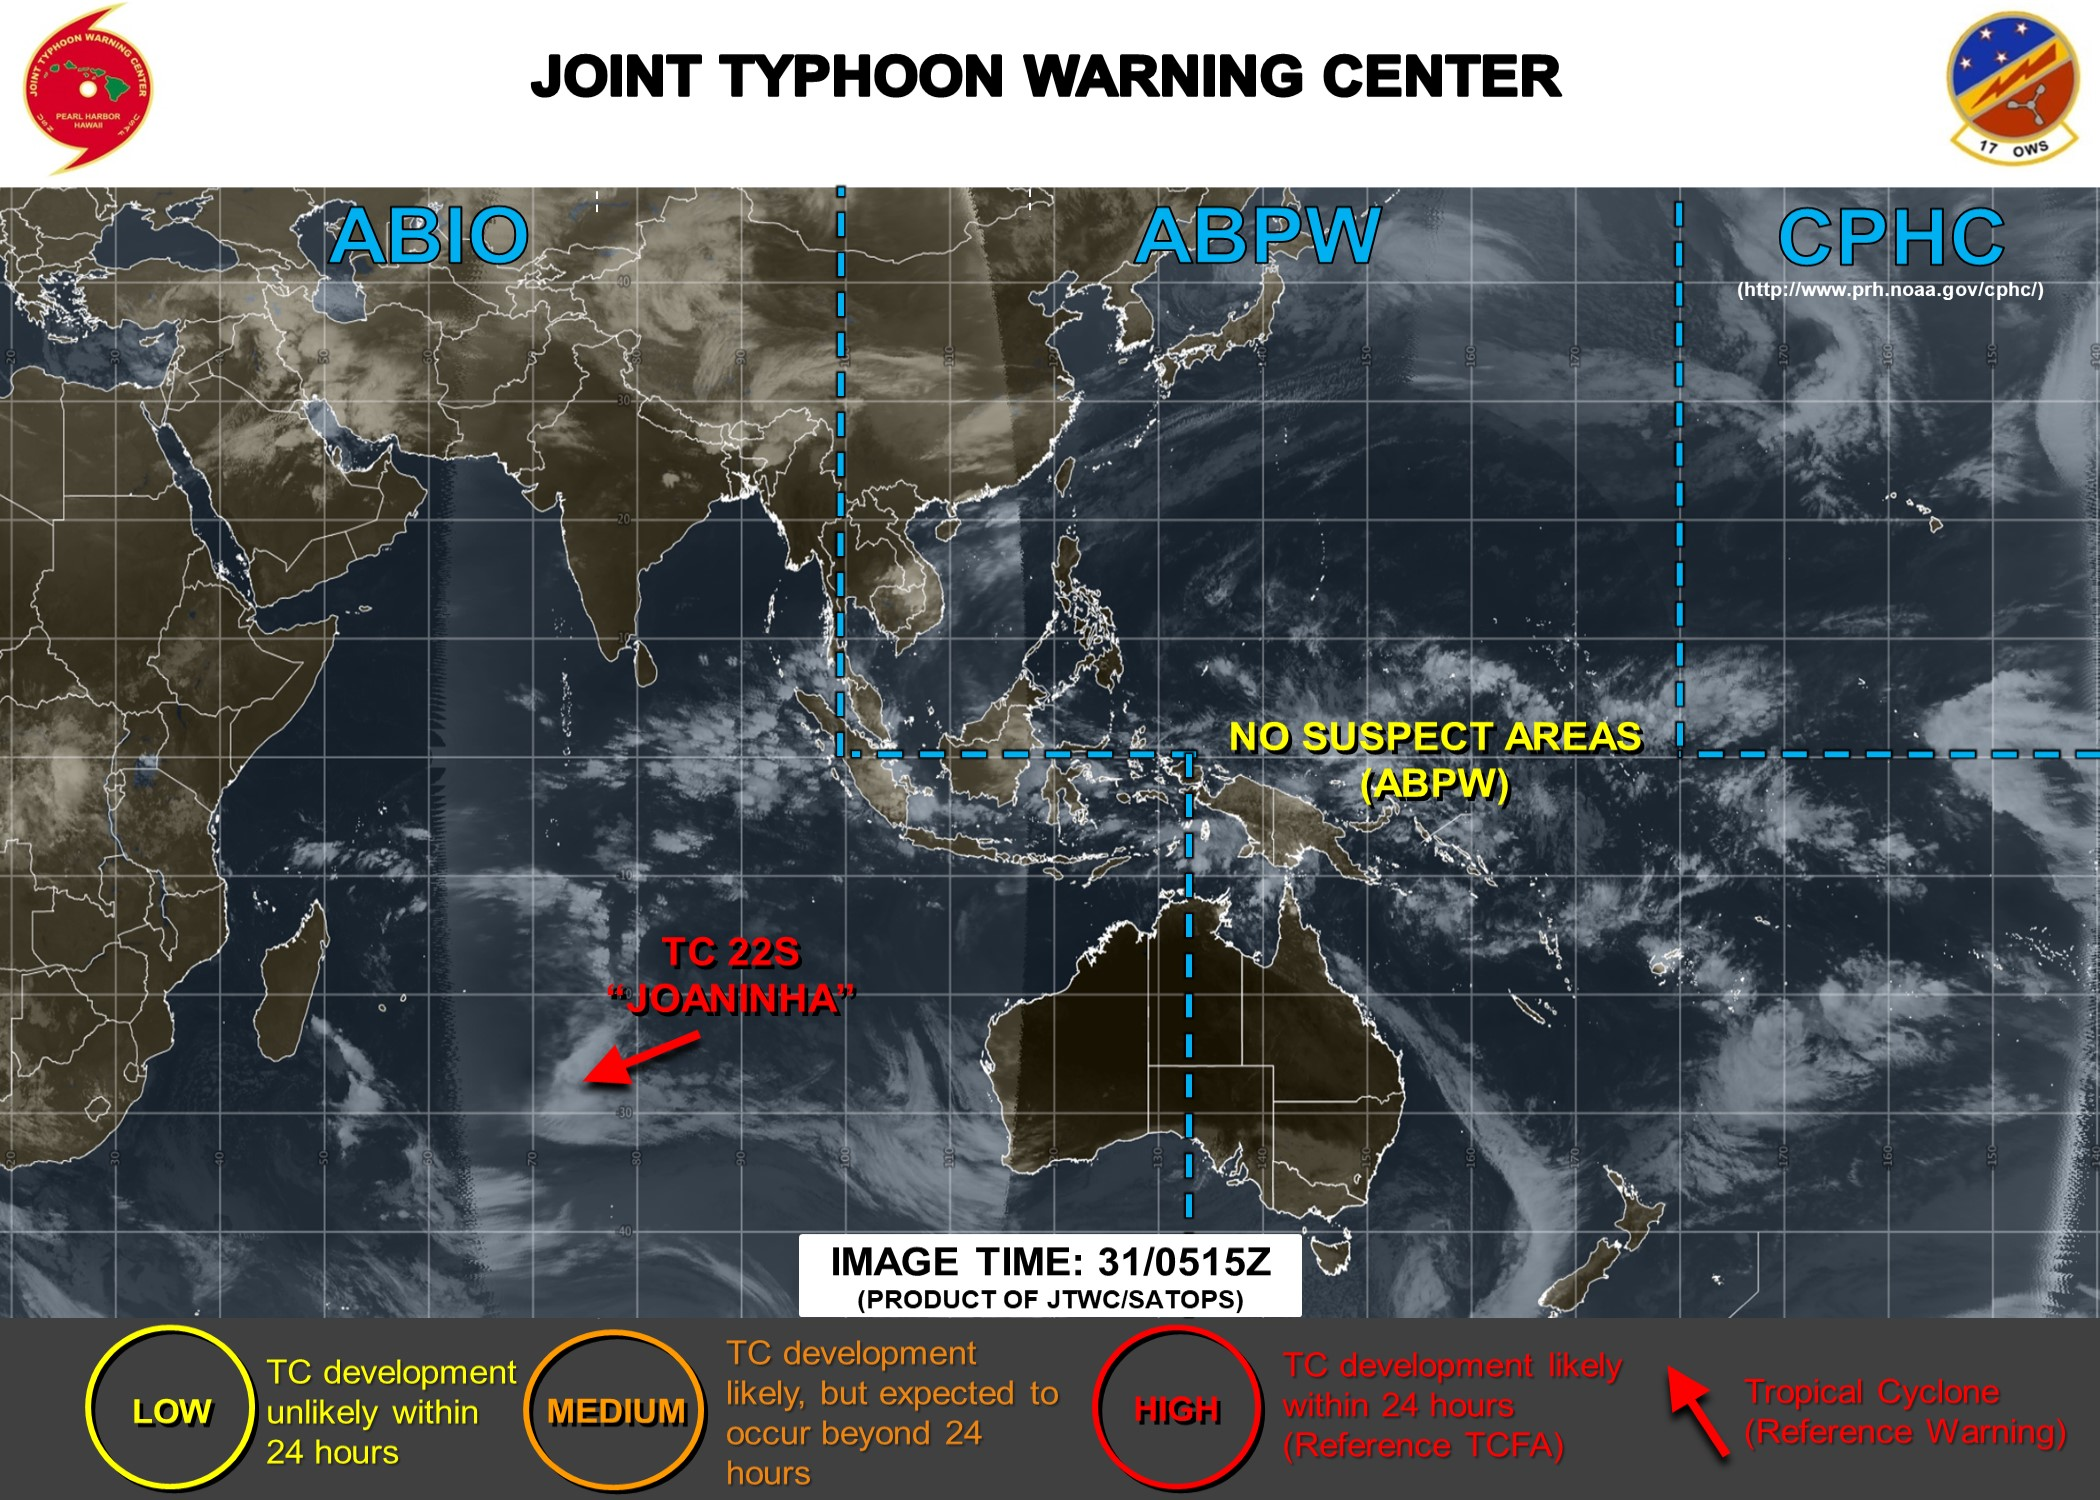 Activité cyclonique: retour au calme probablement pour quelques jours sur la zone du JTWC